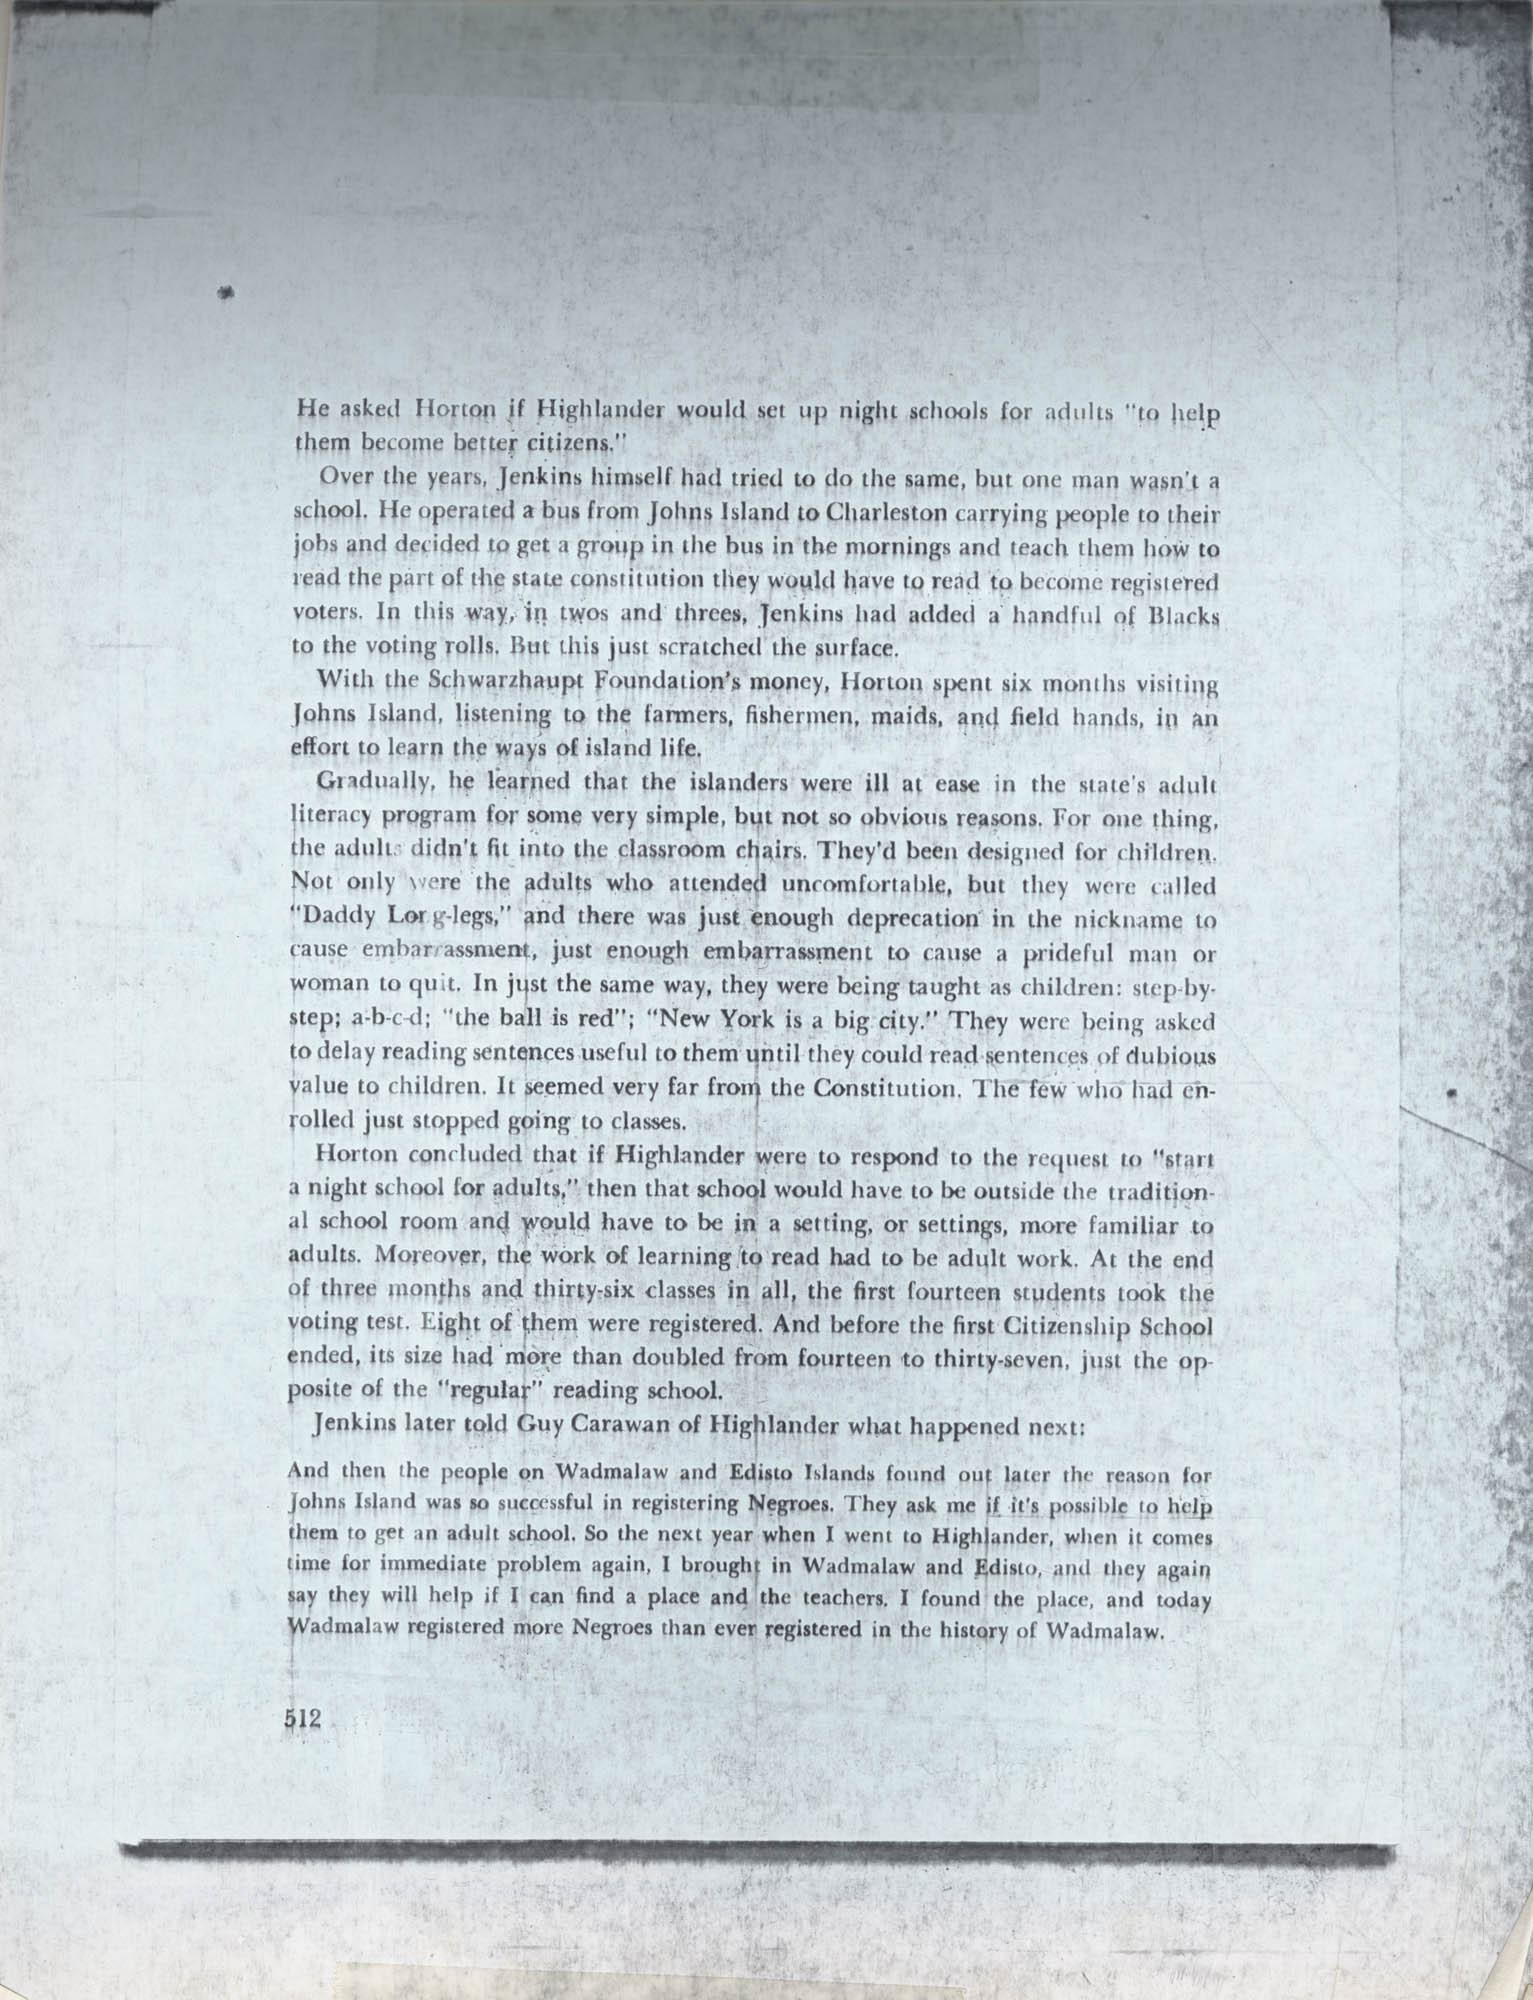 Septima P. Clark Scrapbook, Page 100